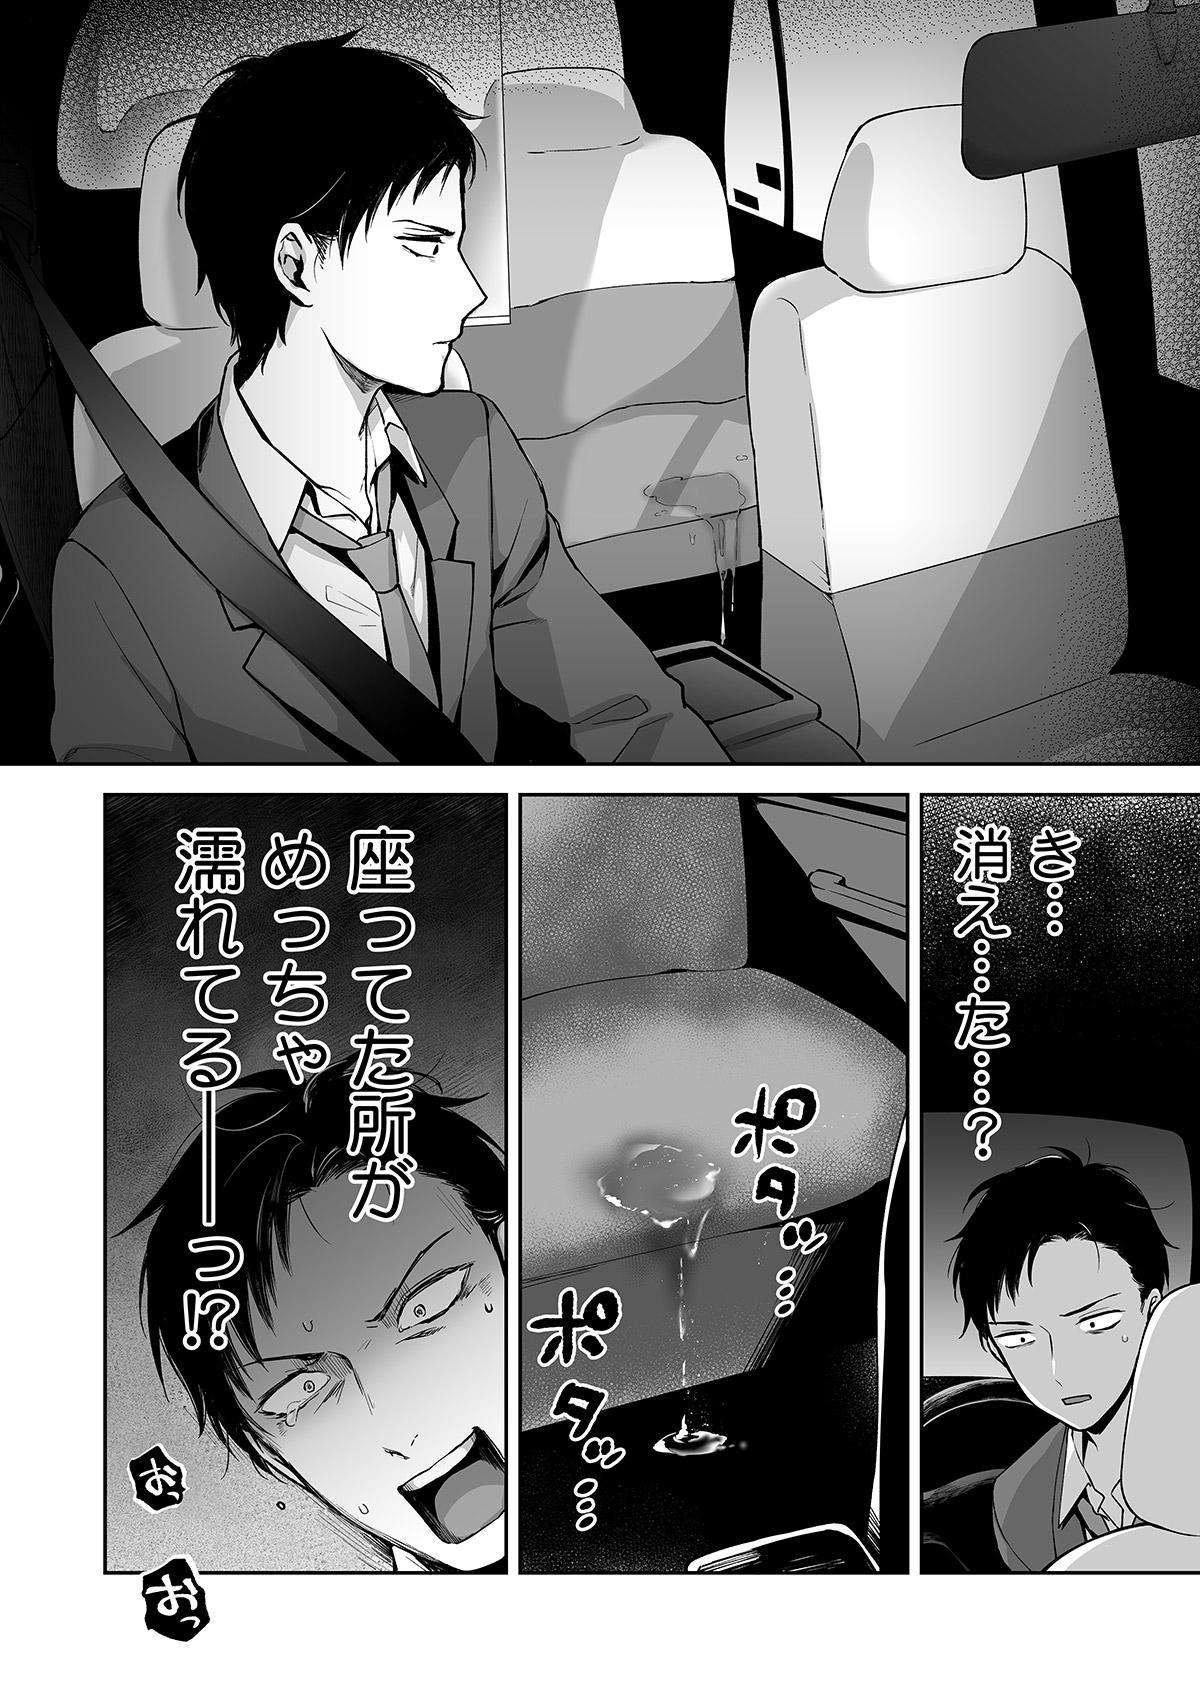 オナ兄さん・夜のおさんぽ露出 29